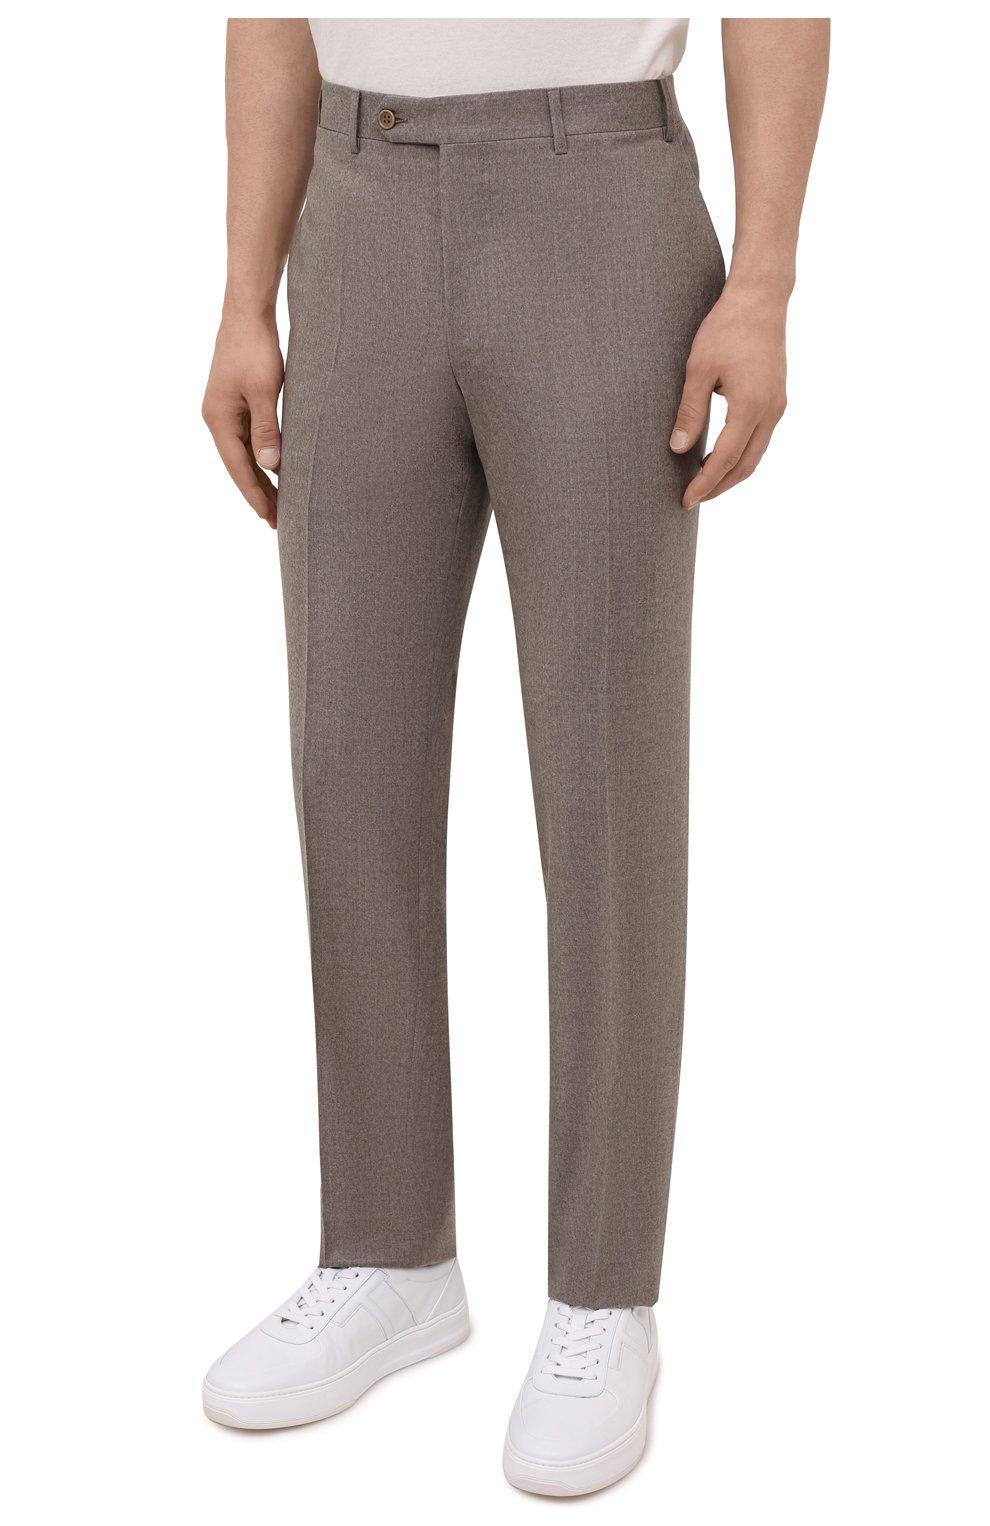 Мужские шерстяные брюки CANALI темно-бежевого цвета, арт. 71012/AN00019   Фото 3 (Материал внешний: Шерсть; Длина (брюки, джинсы): Стандартные; Случай: Повседневный; Стили: Классический; Материал подклада: Вискоза)